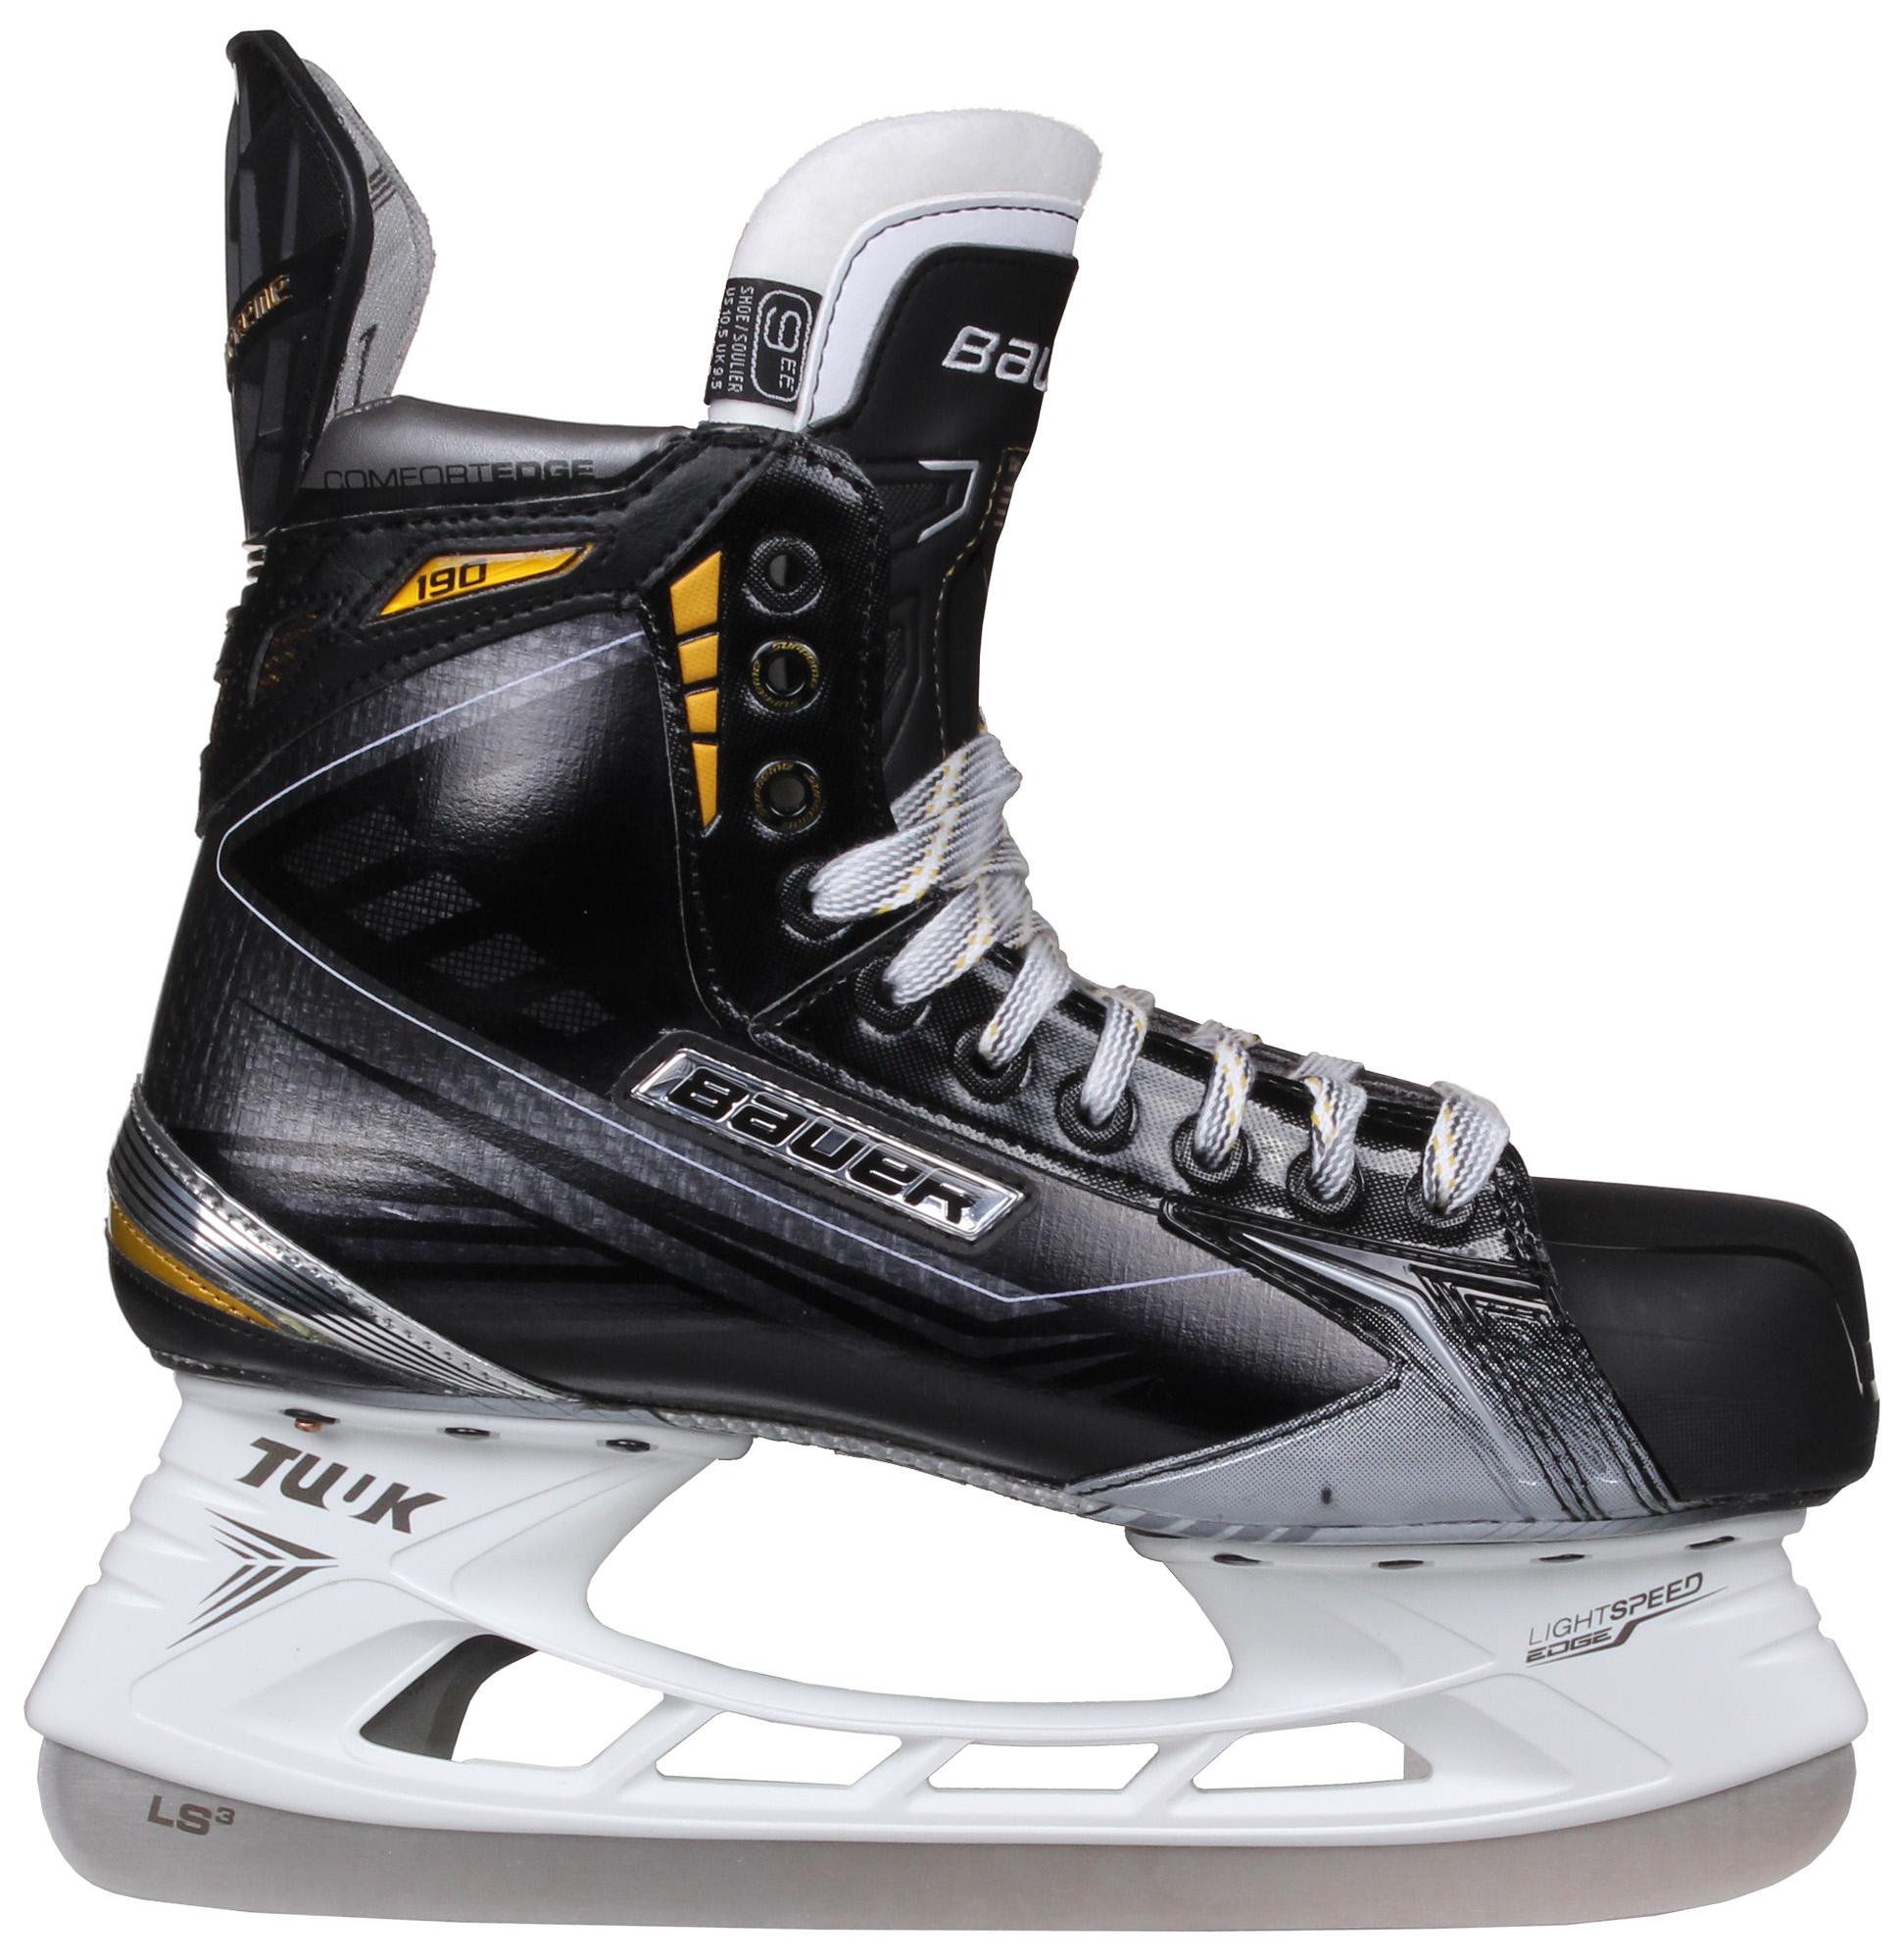 BAUER Supreme 190 EE SR hokejové brusle